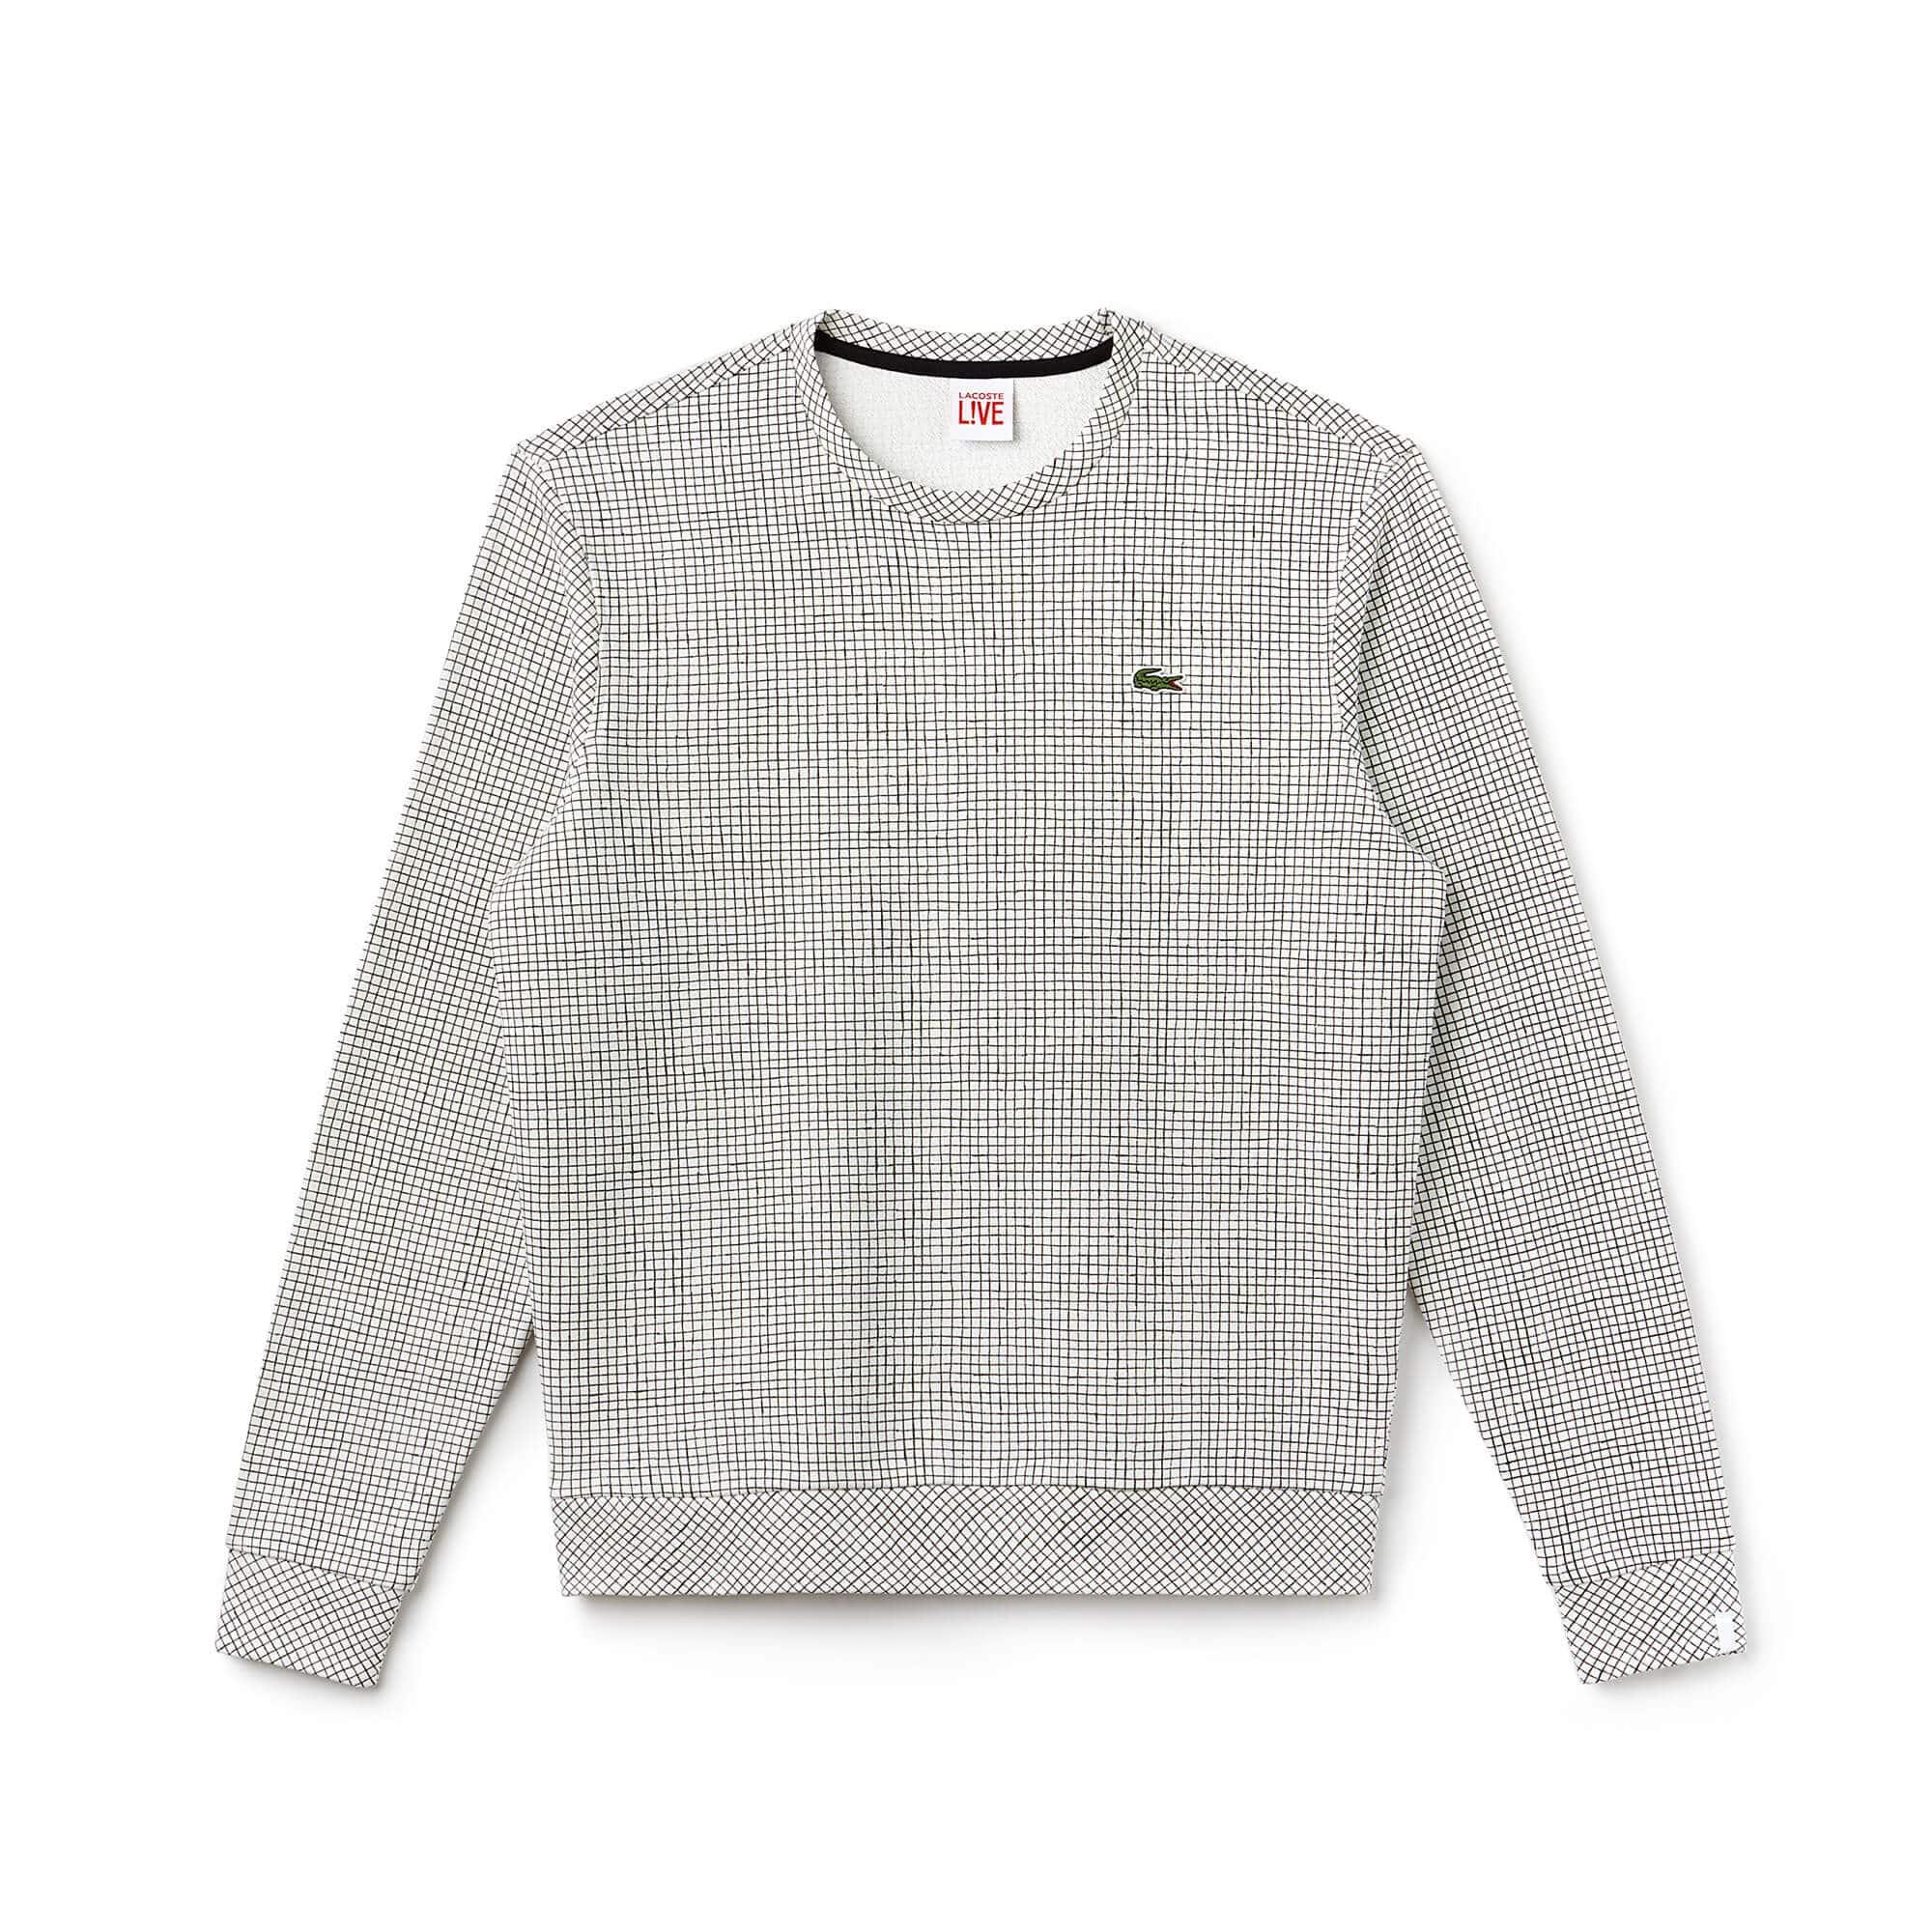 Sweatshirt decote redondo Lacoste LIVE em moletão aos quadradinhos